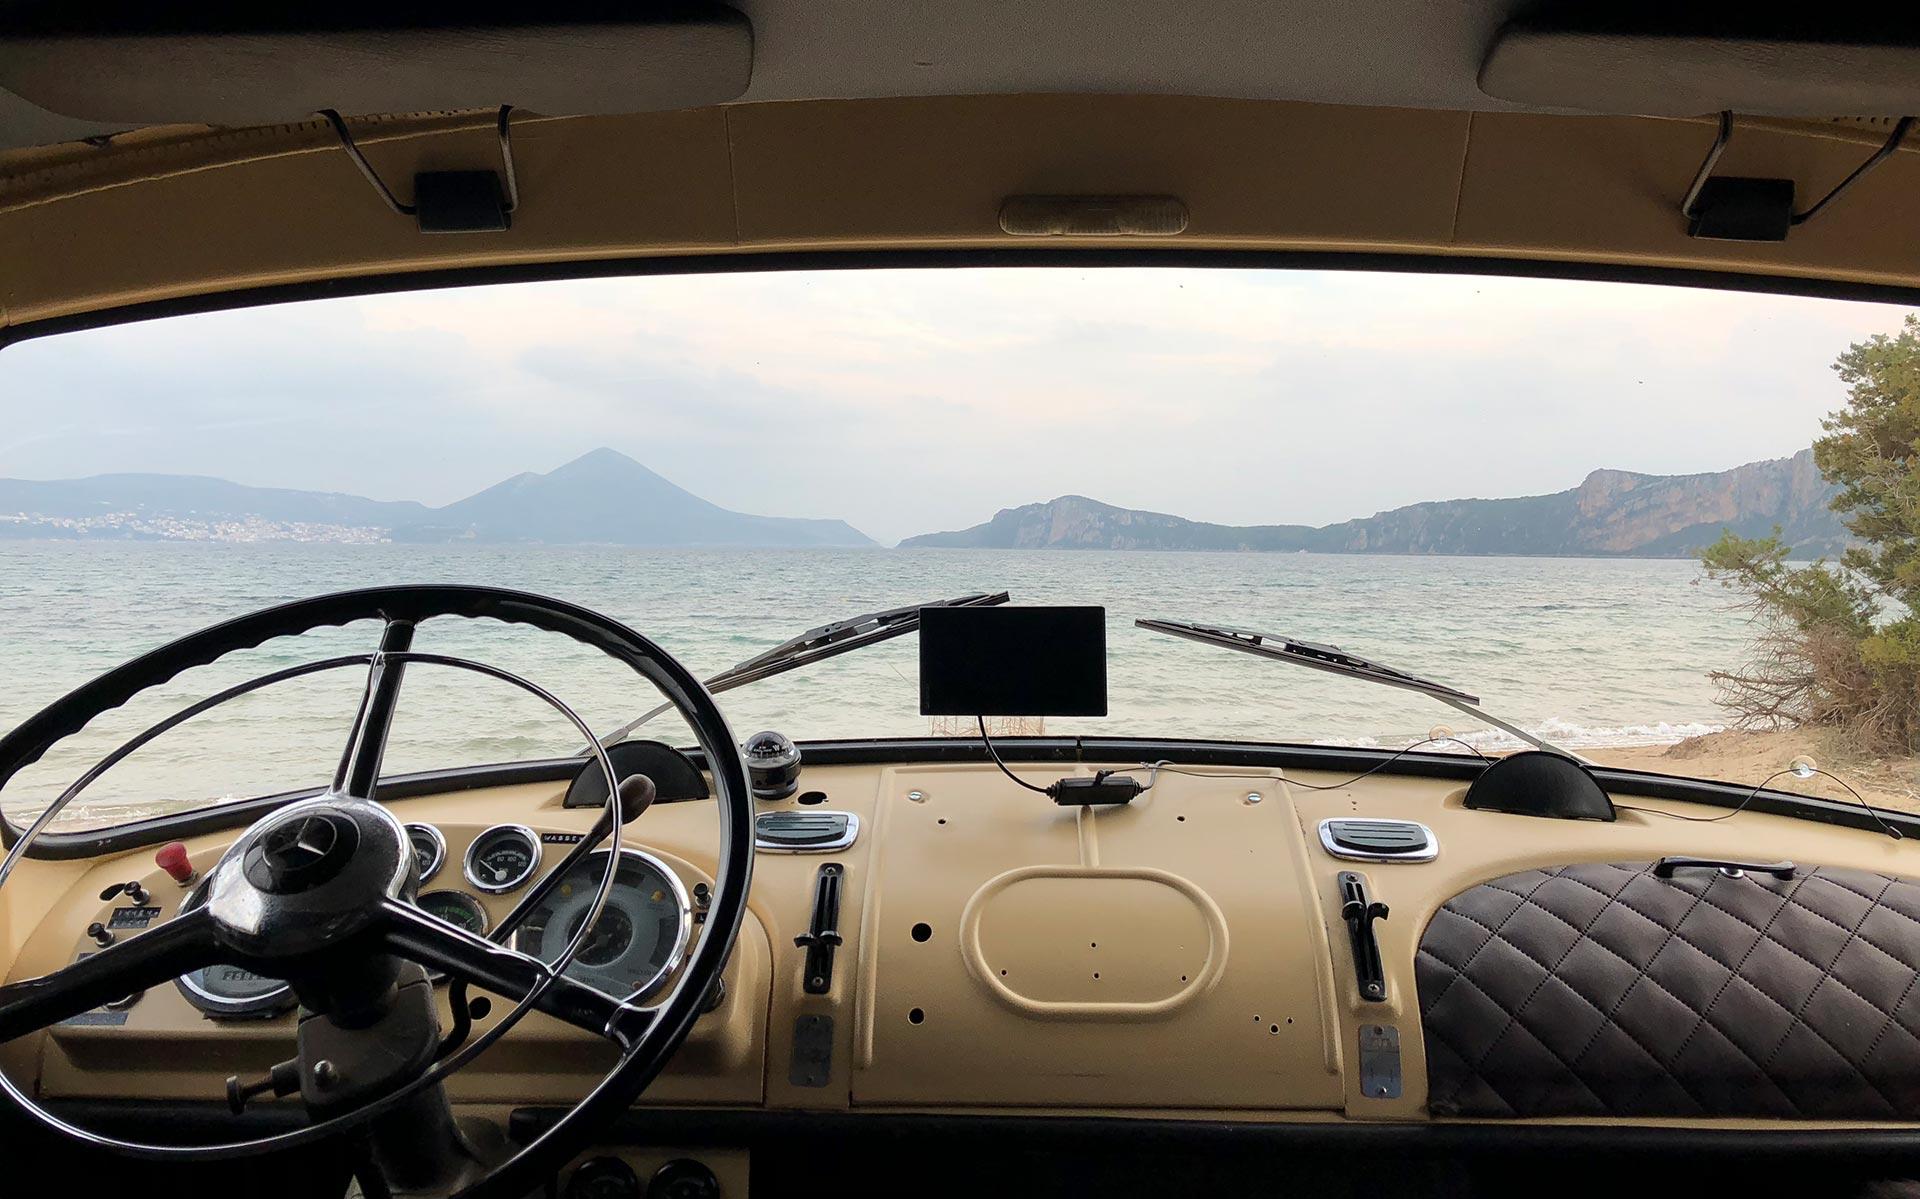 Blick aus dem Auto auf einen See